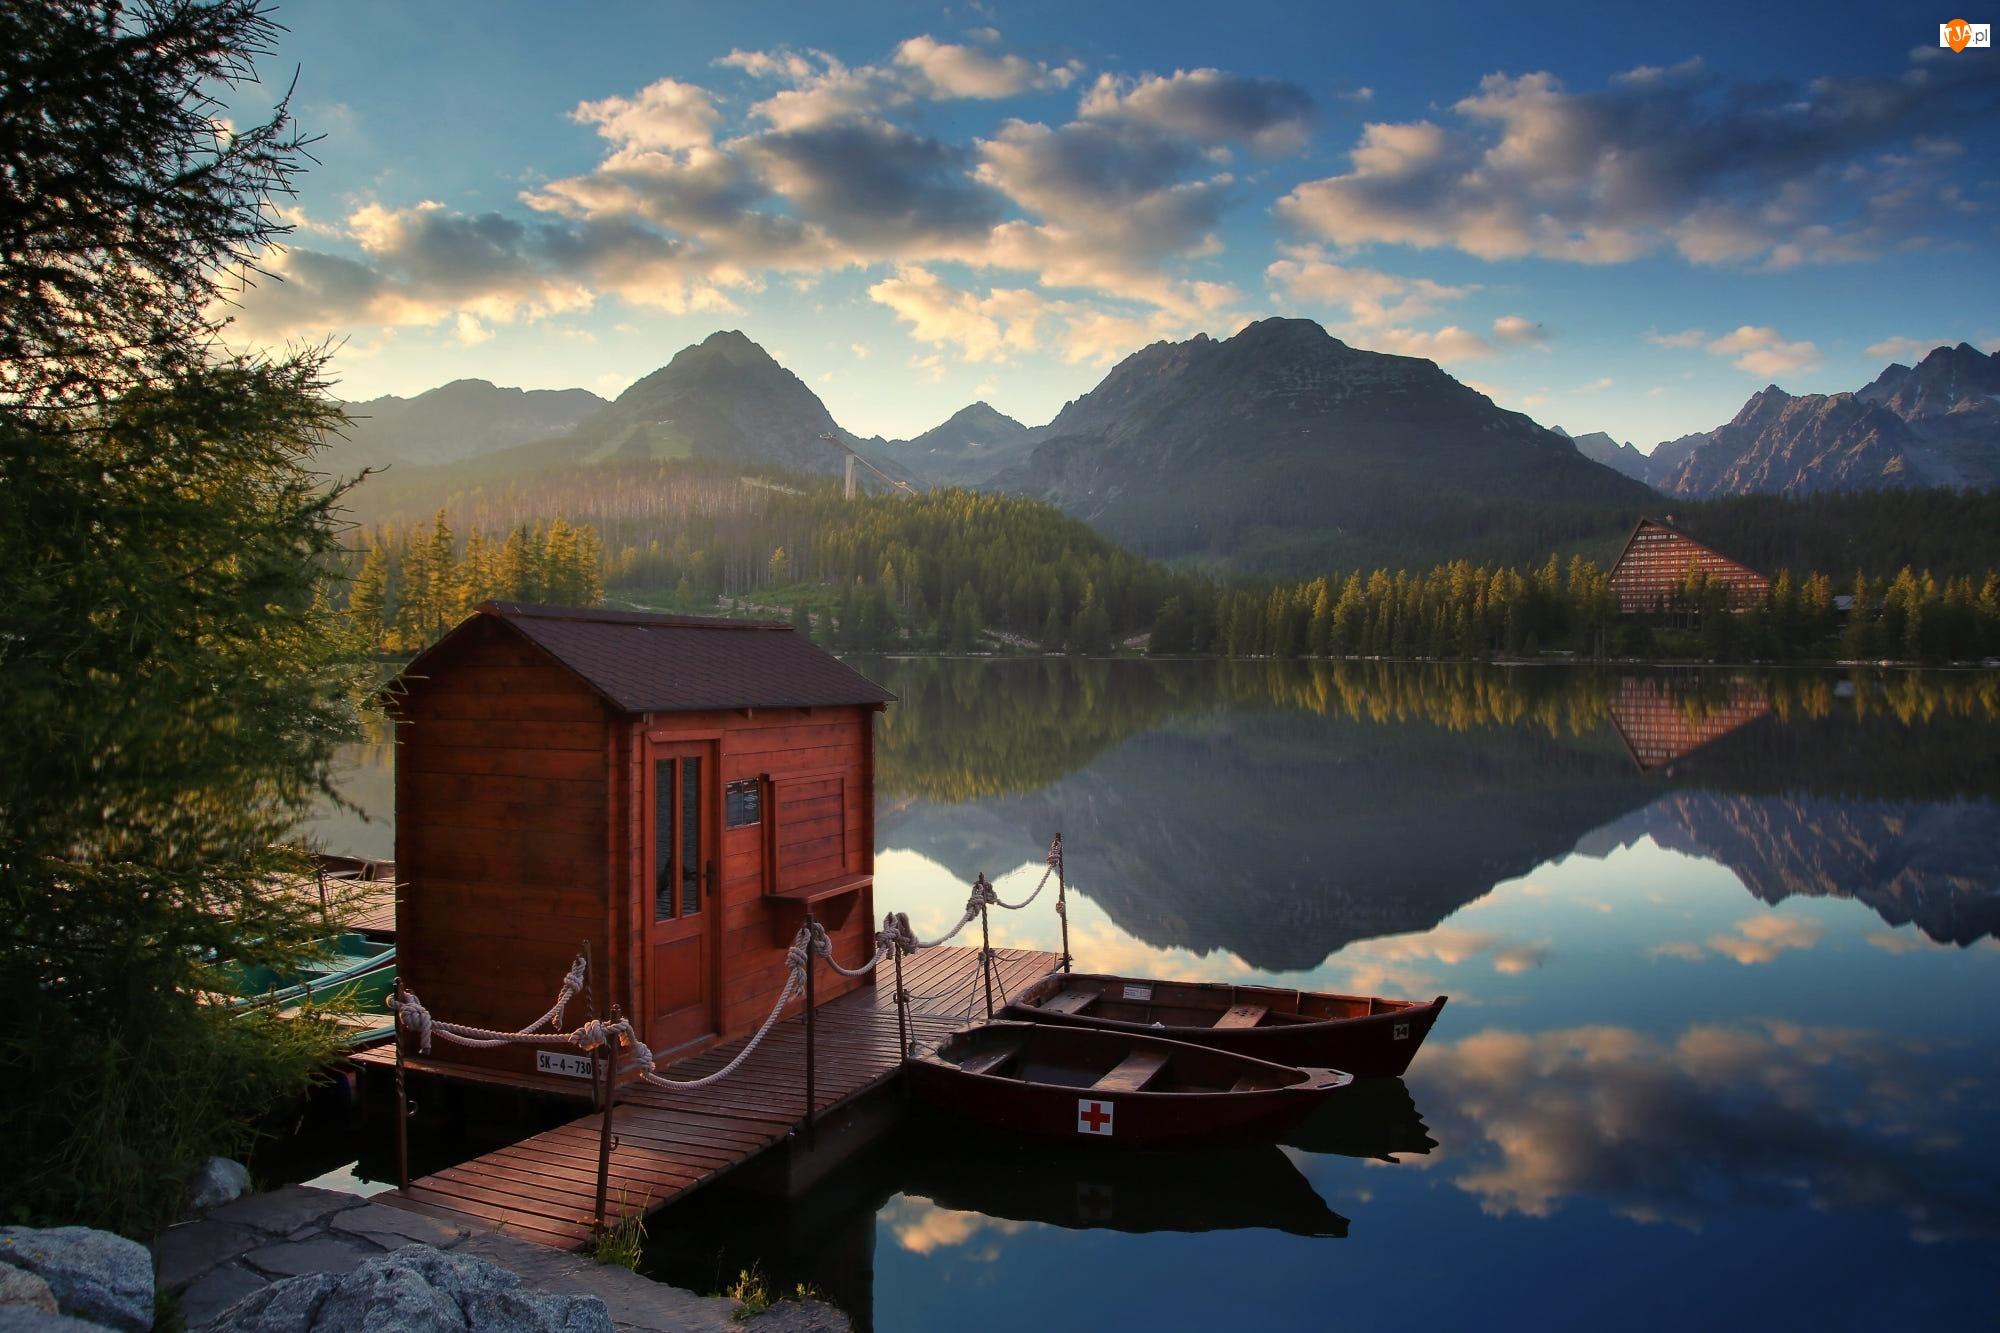 Jezioro, Góry, Domek, Łódki, Przystań, Pomost